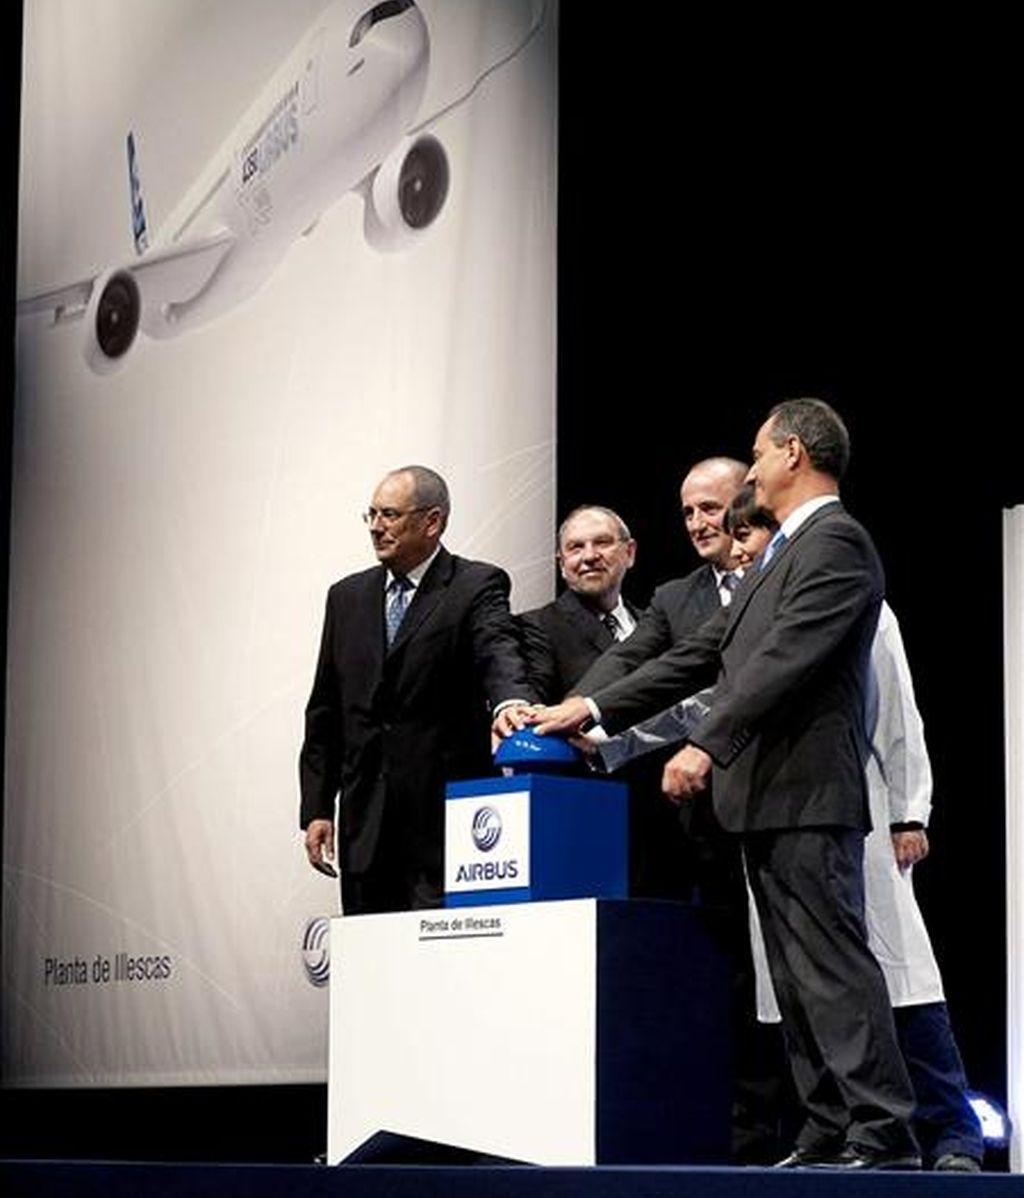 El ministro de Industria, Miguel Sebastián (3i), y el vicepresidente ejecutivo de Operaciones de Airbus, Gerard Weber (2i), entre otros, durante el acto protocolario del inicio de la producción del programa Airbus A350 XWB en España, en la factoría que el constructor aeronáutico tiene en la localidad toledana de Illescas. EFE